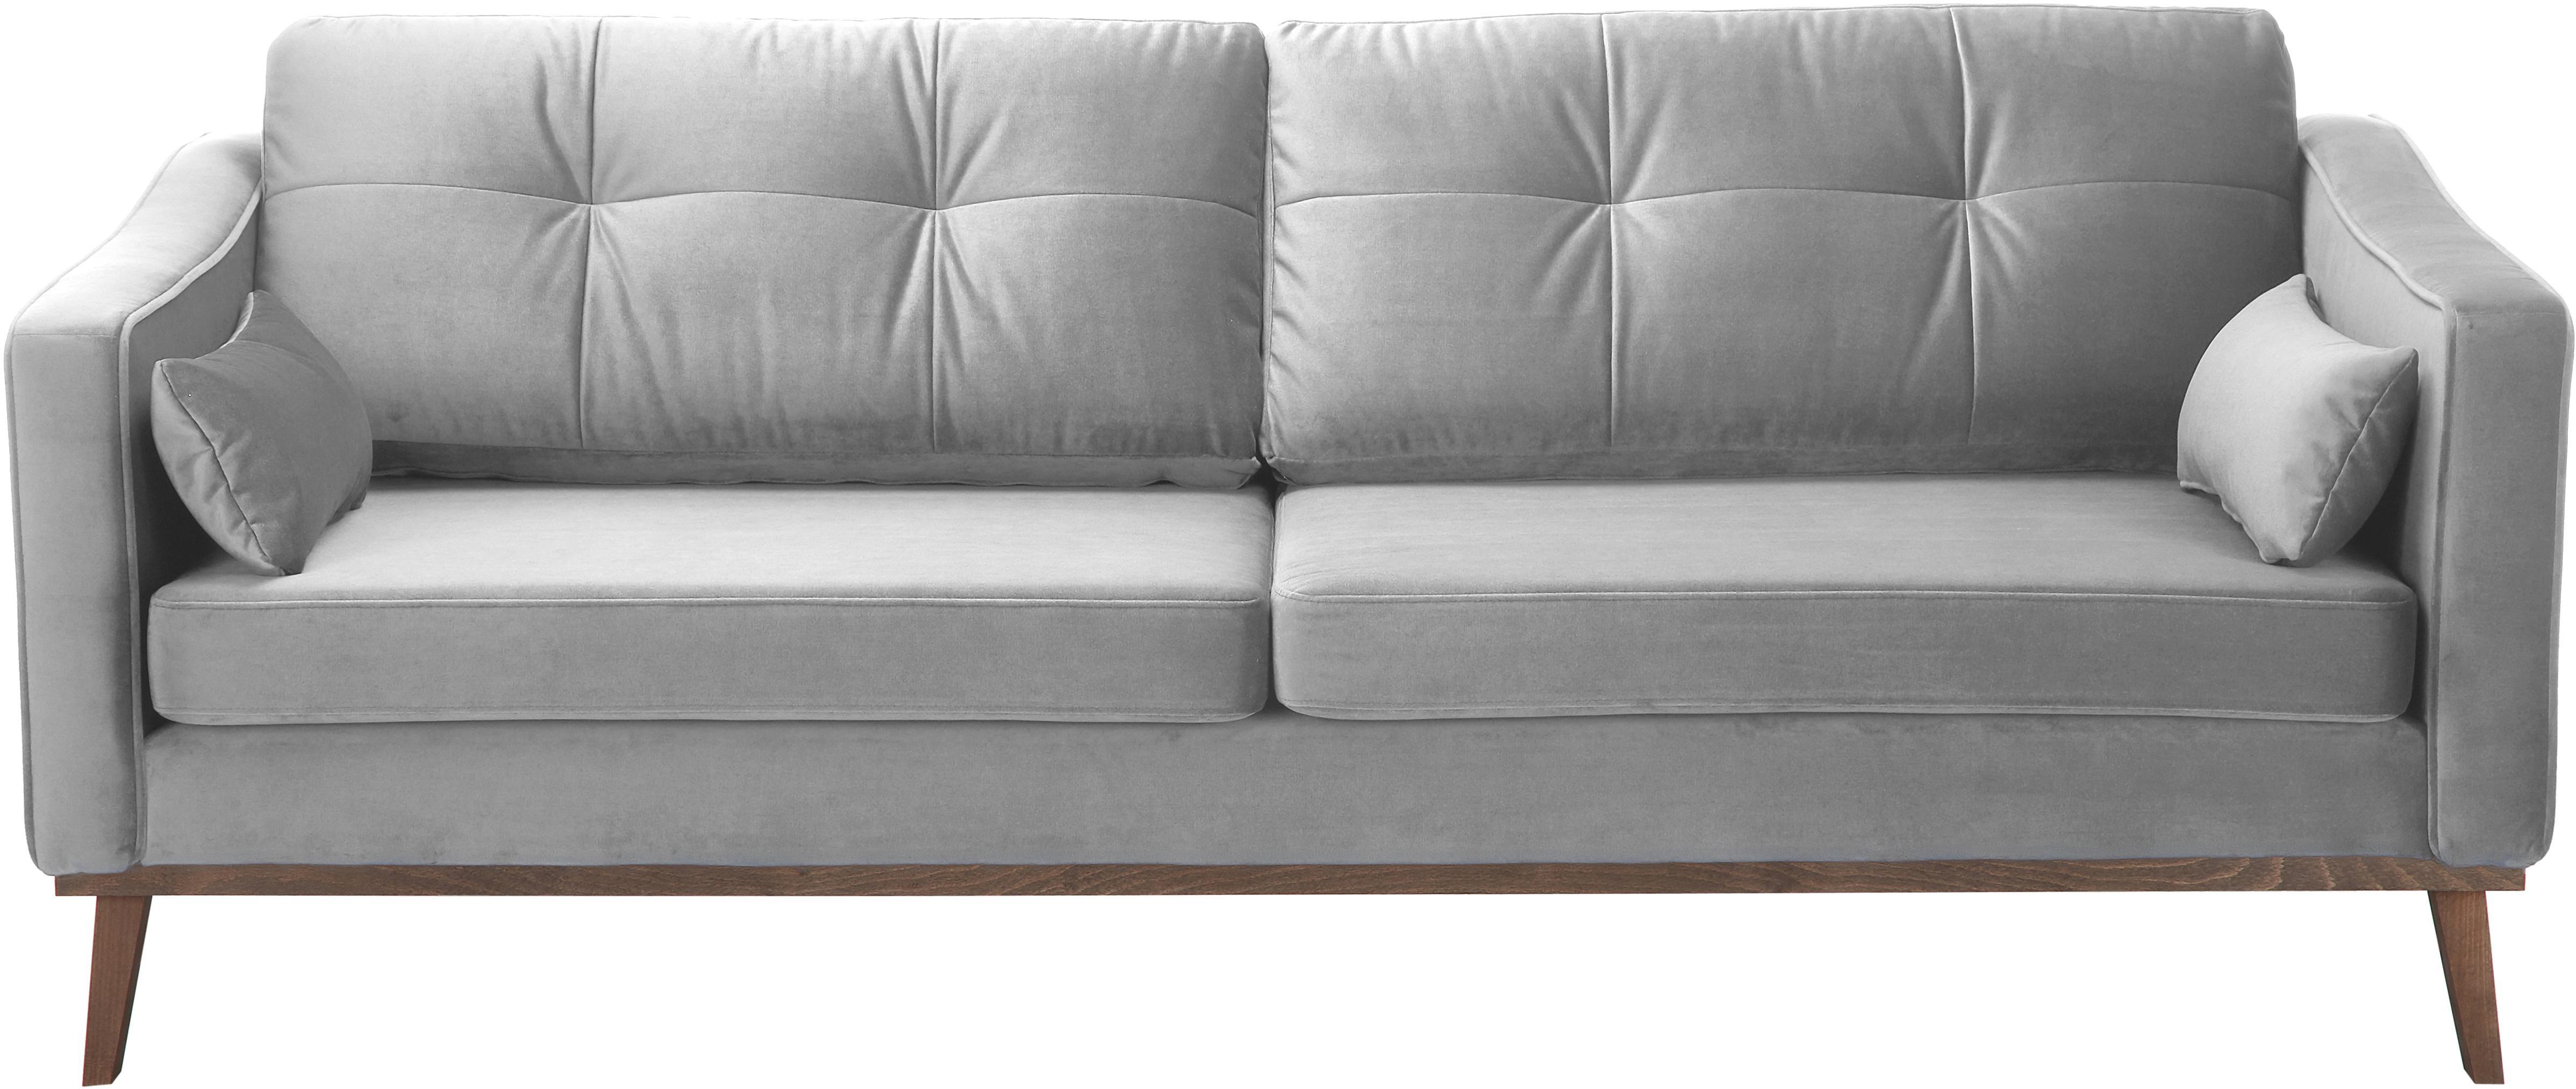 Divano 3 posti in velluto grigio Alva, Rivestimento: velluto (rivestimento in , Struttura: legno di pino massiccio, Piedini: legno massello di faggio,, Grigio, Larg. 215 x Prof. 94 cm